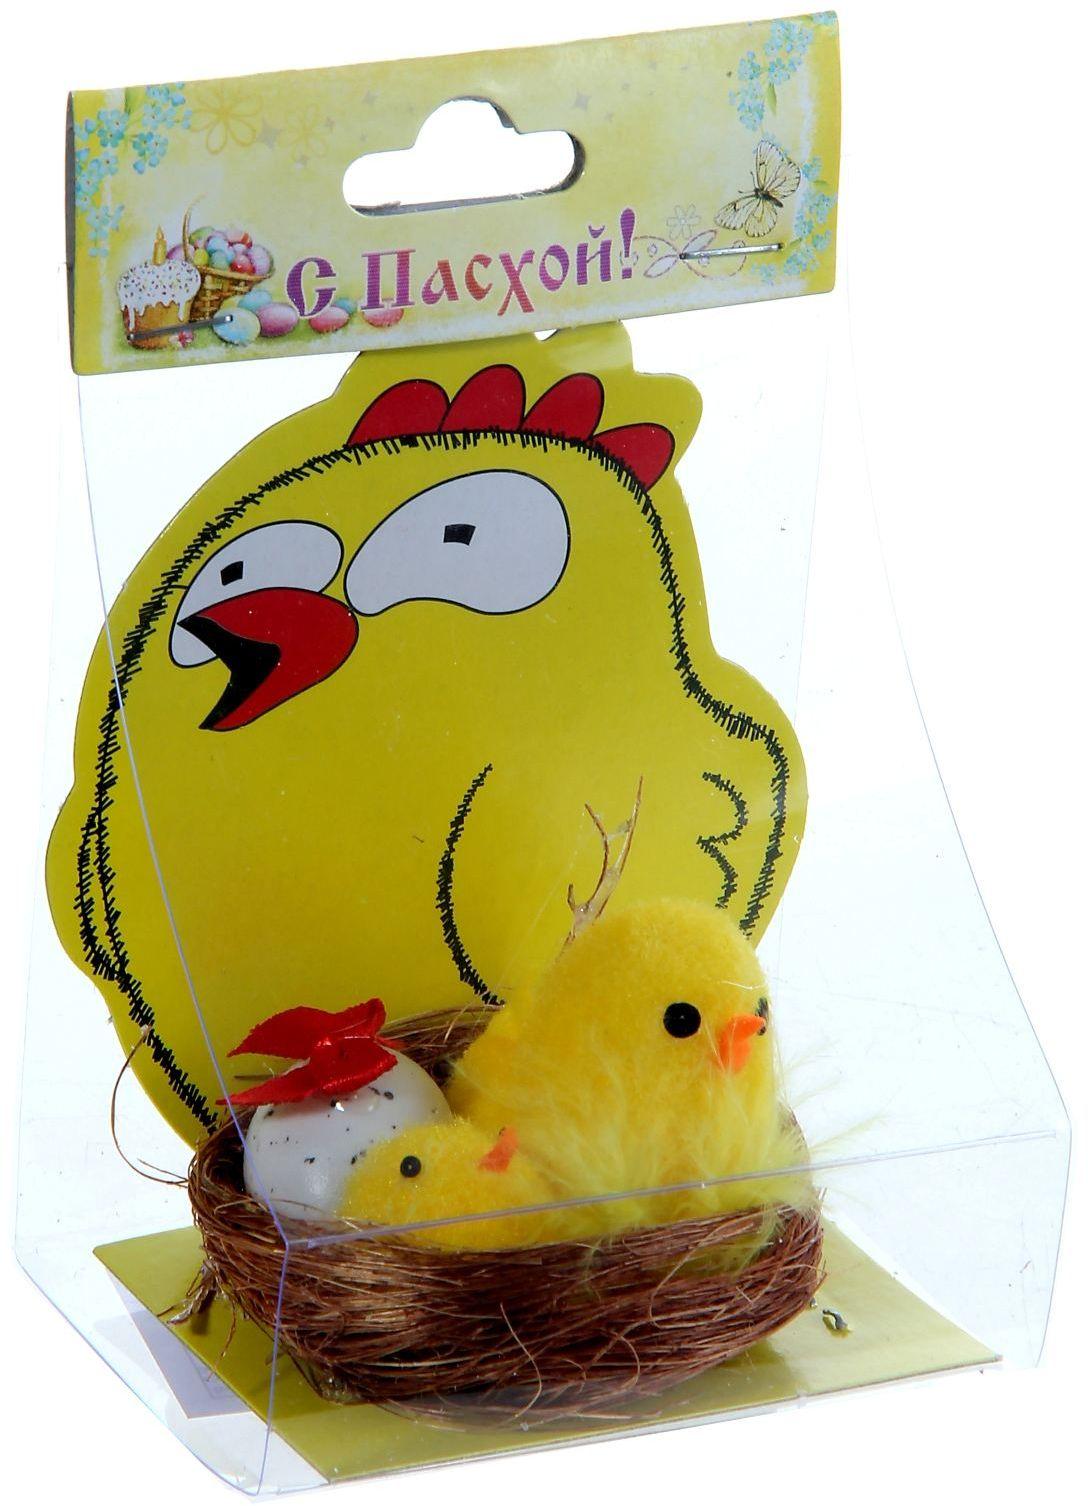 Сувенир пасхальный Sima-land Семейка цыплят, 5 х 5 х 4,5 смJP-15/ 2Сувенир Семейка цыплят — самый популярный пасхальный декор. Фигурками цып принято декорировать праздничный пасхальный стол во многих странах мира. Россия не исключение.Вы можете украсить таким замечательным сувениром тарелку гостей, превратив её в гнездо. Или преподнести его в качестве подарка близкому человеку. Удивите себя и родных!